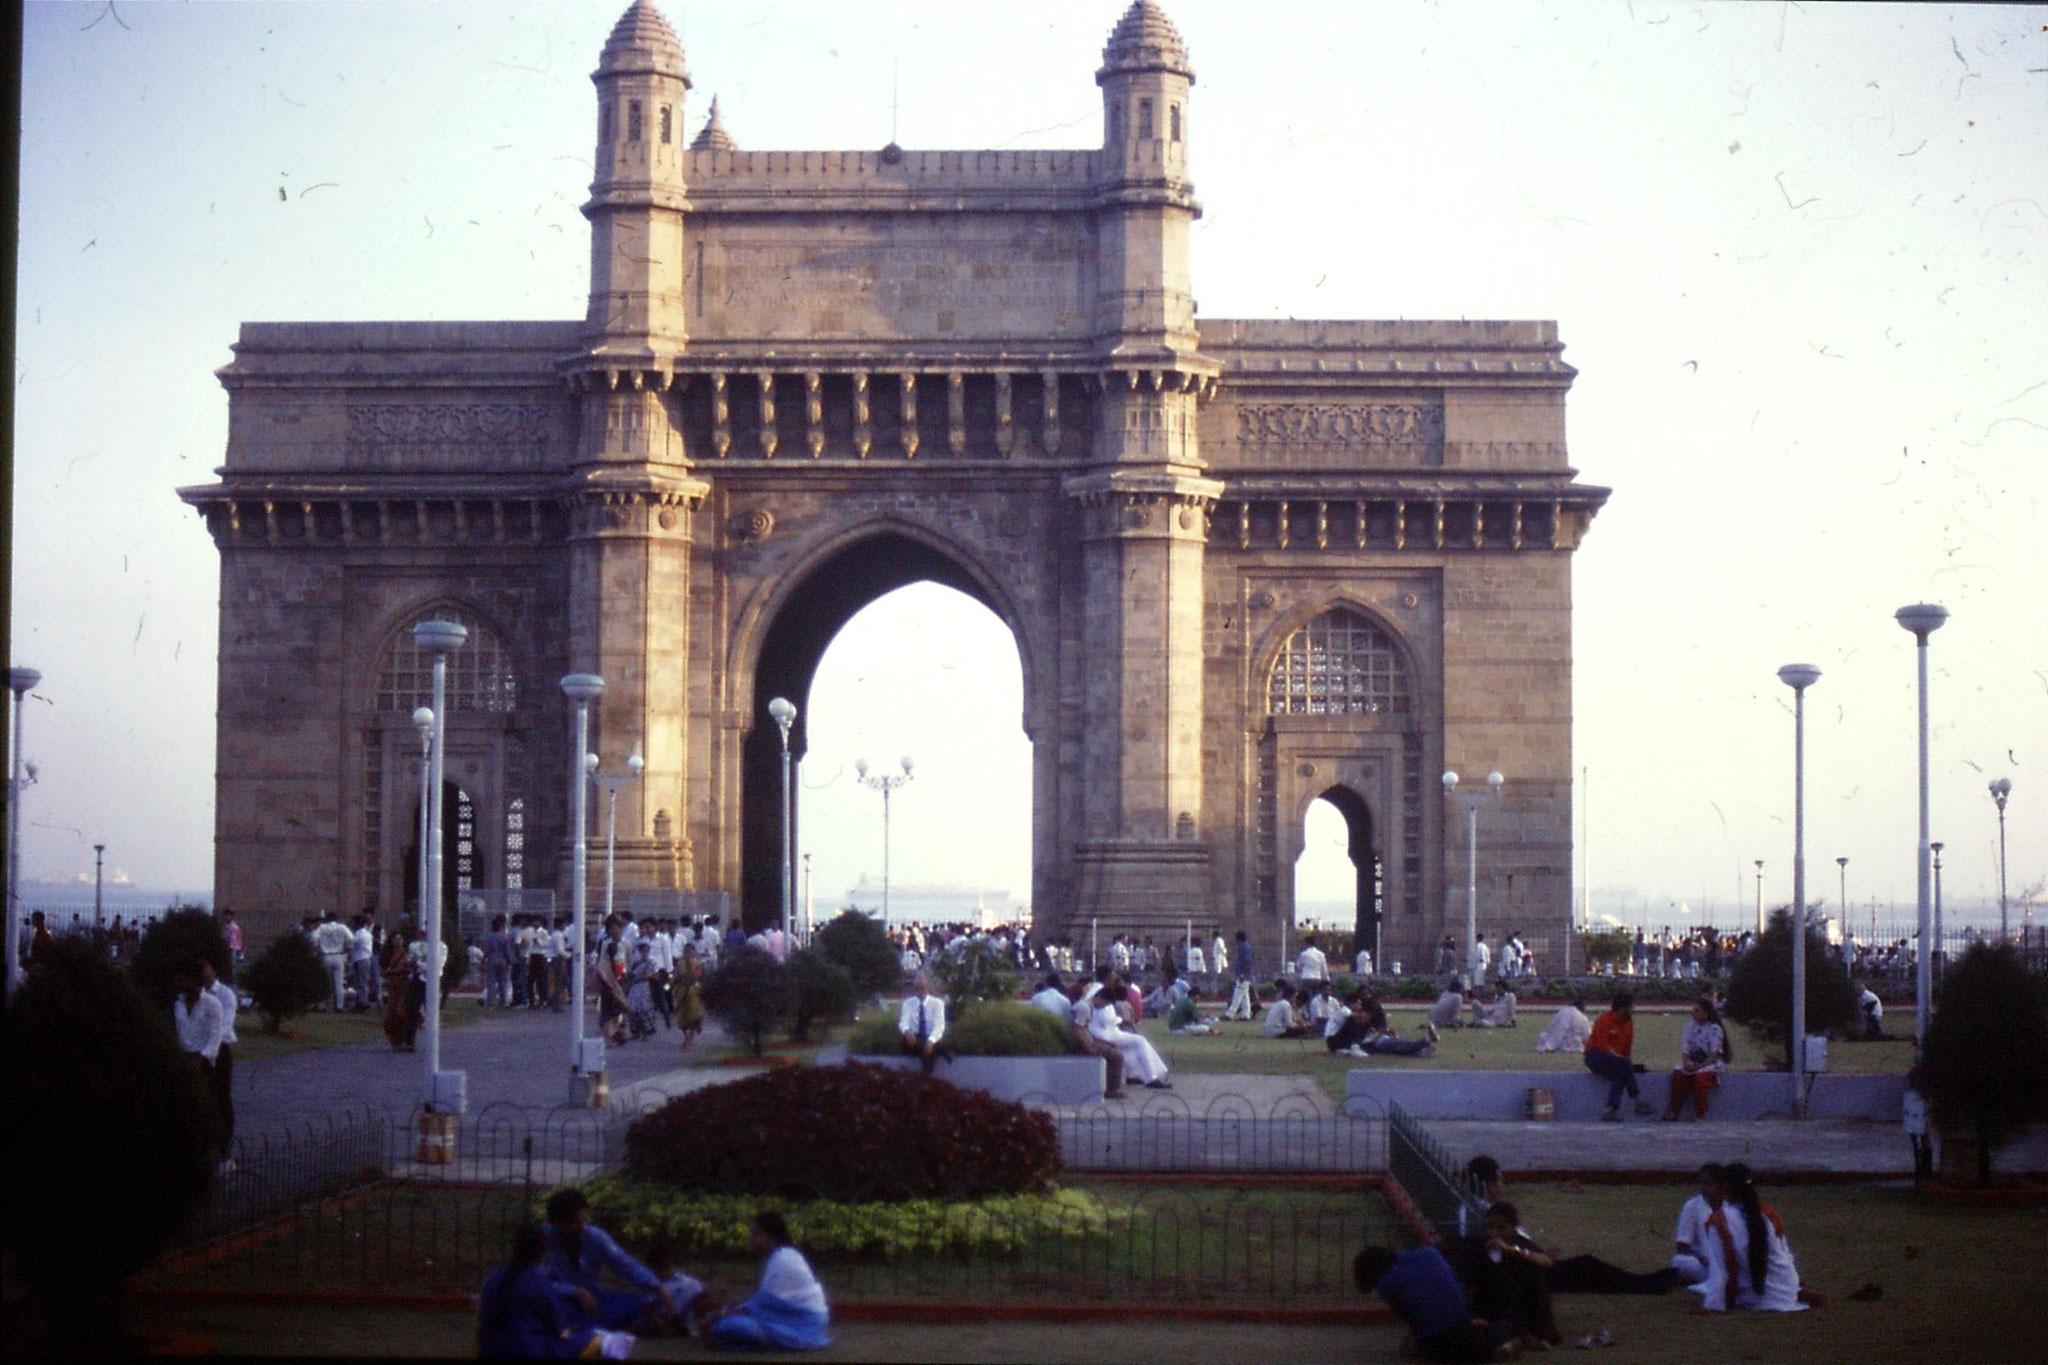 22/12/1989: 19: Bombay, Gate of India